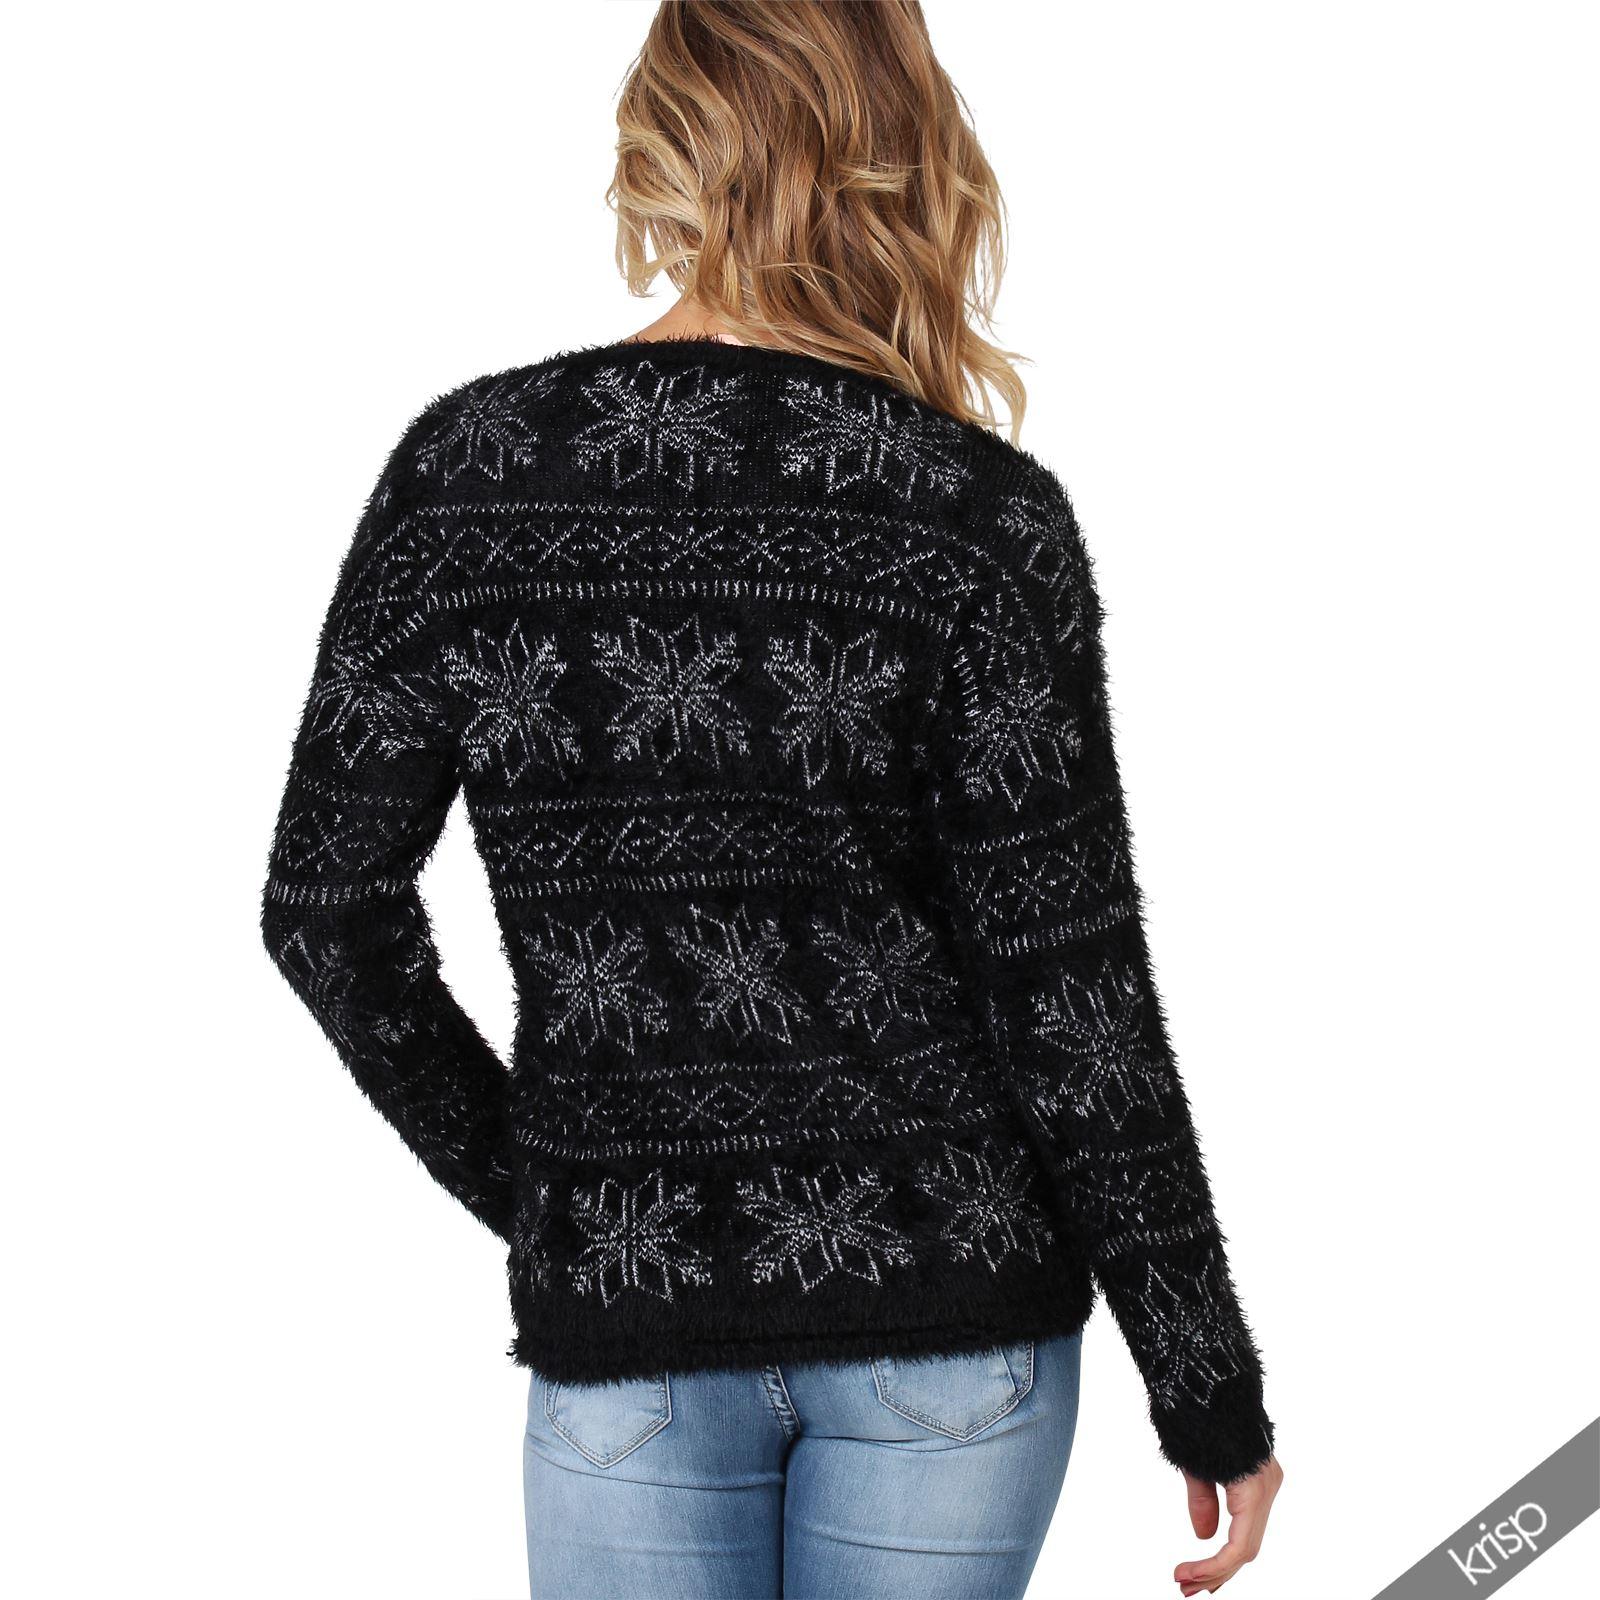 Femme pull doux duveteux tricot grosse maille motif flocon de neige ski hiver - Tricot grosse maille ...